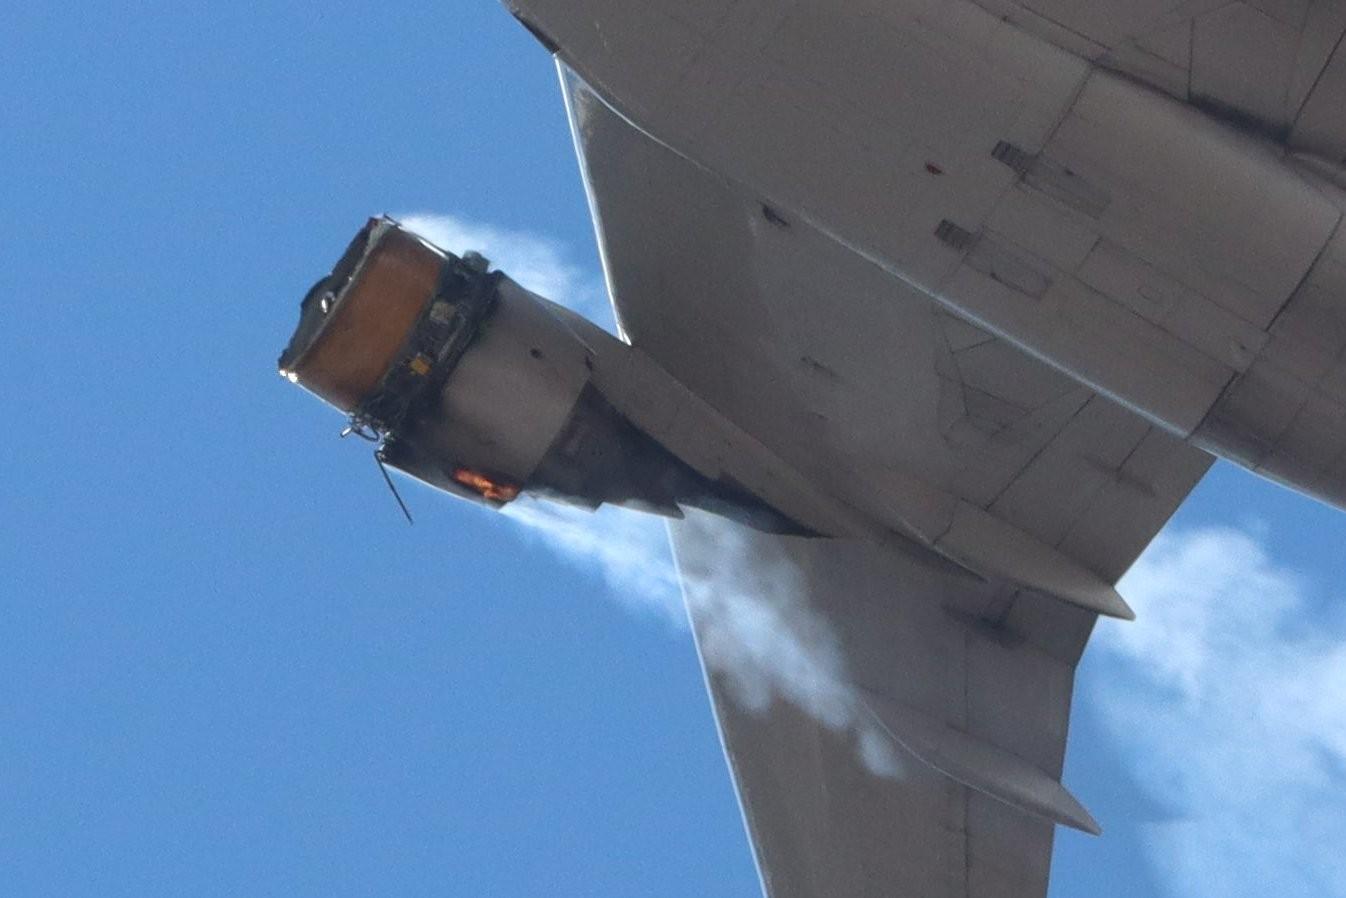 ▲▼ 飛機零件噴掉 。(圖/翻攝自Twitter/@tamaskls)